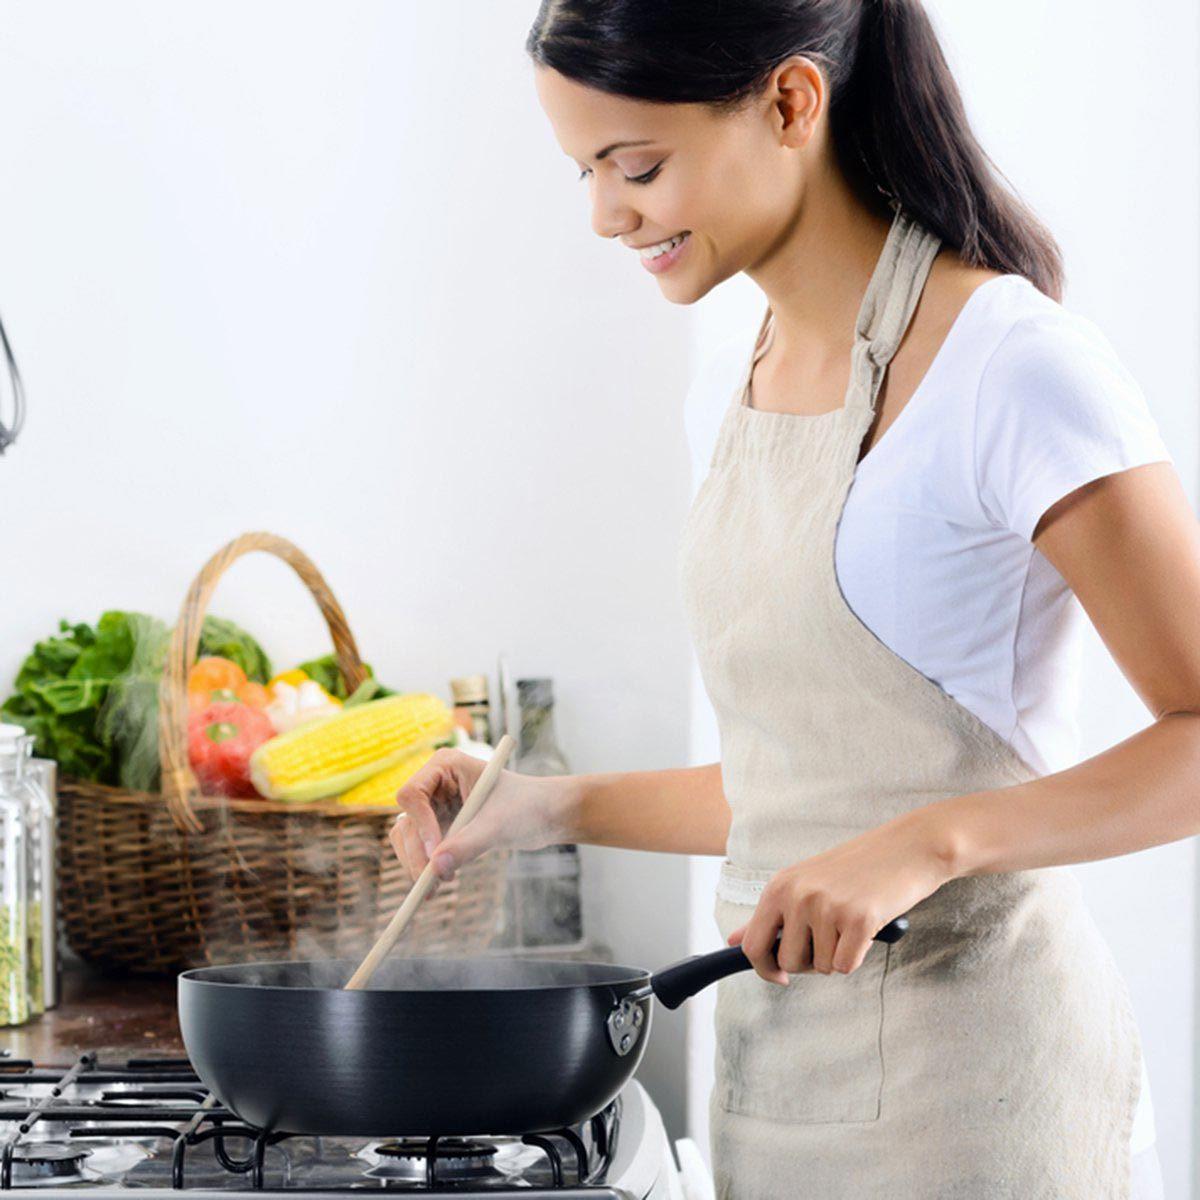 Conseil de marie Kondo : remplacez les objets du quotidien qui paraissent ternes.